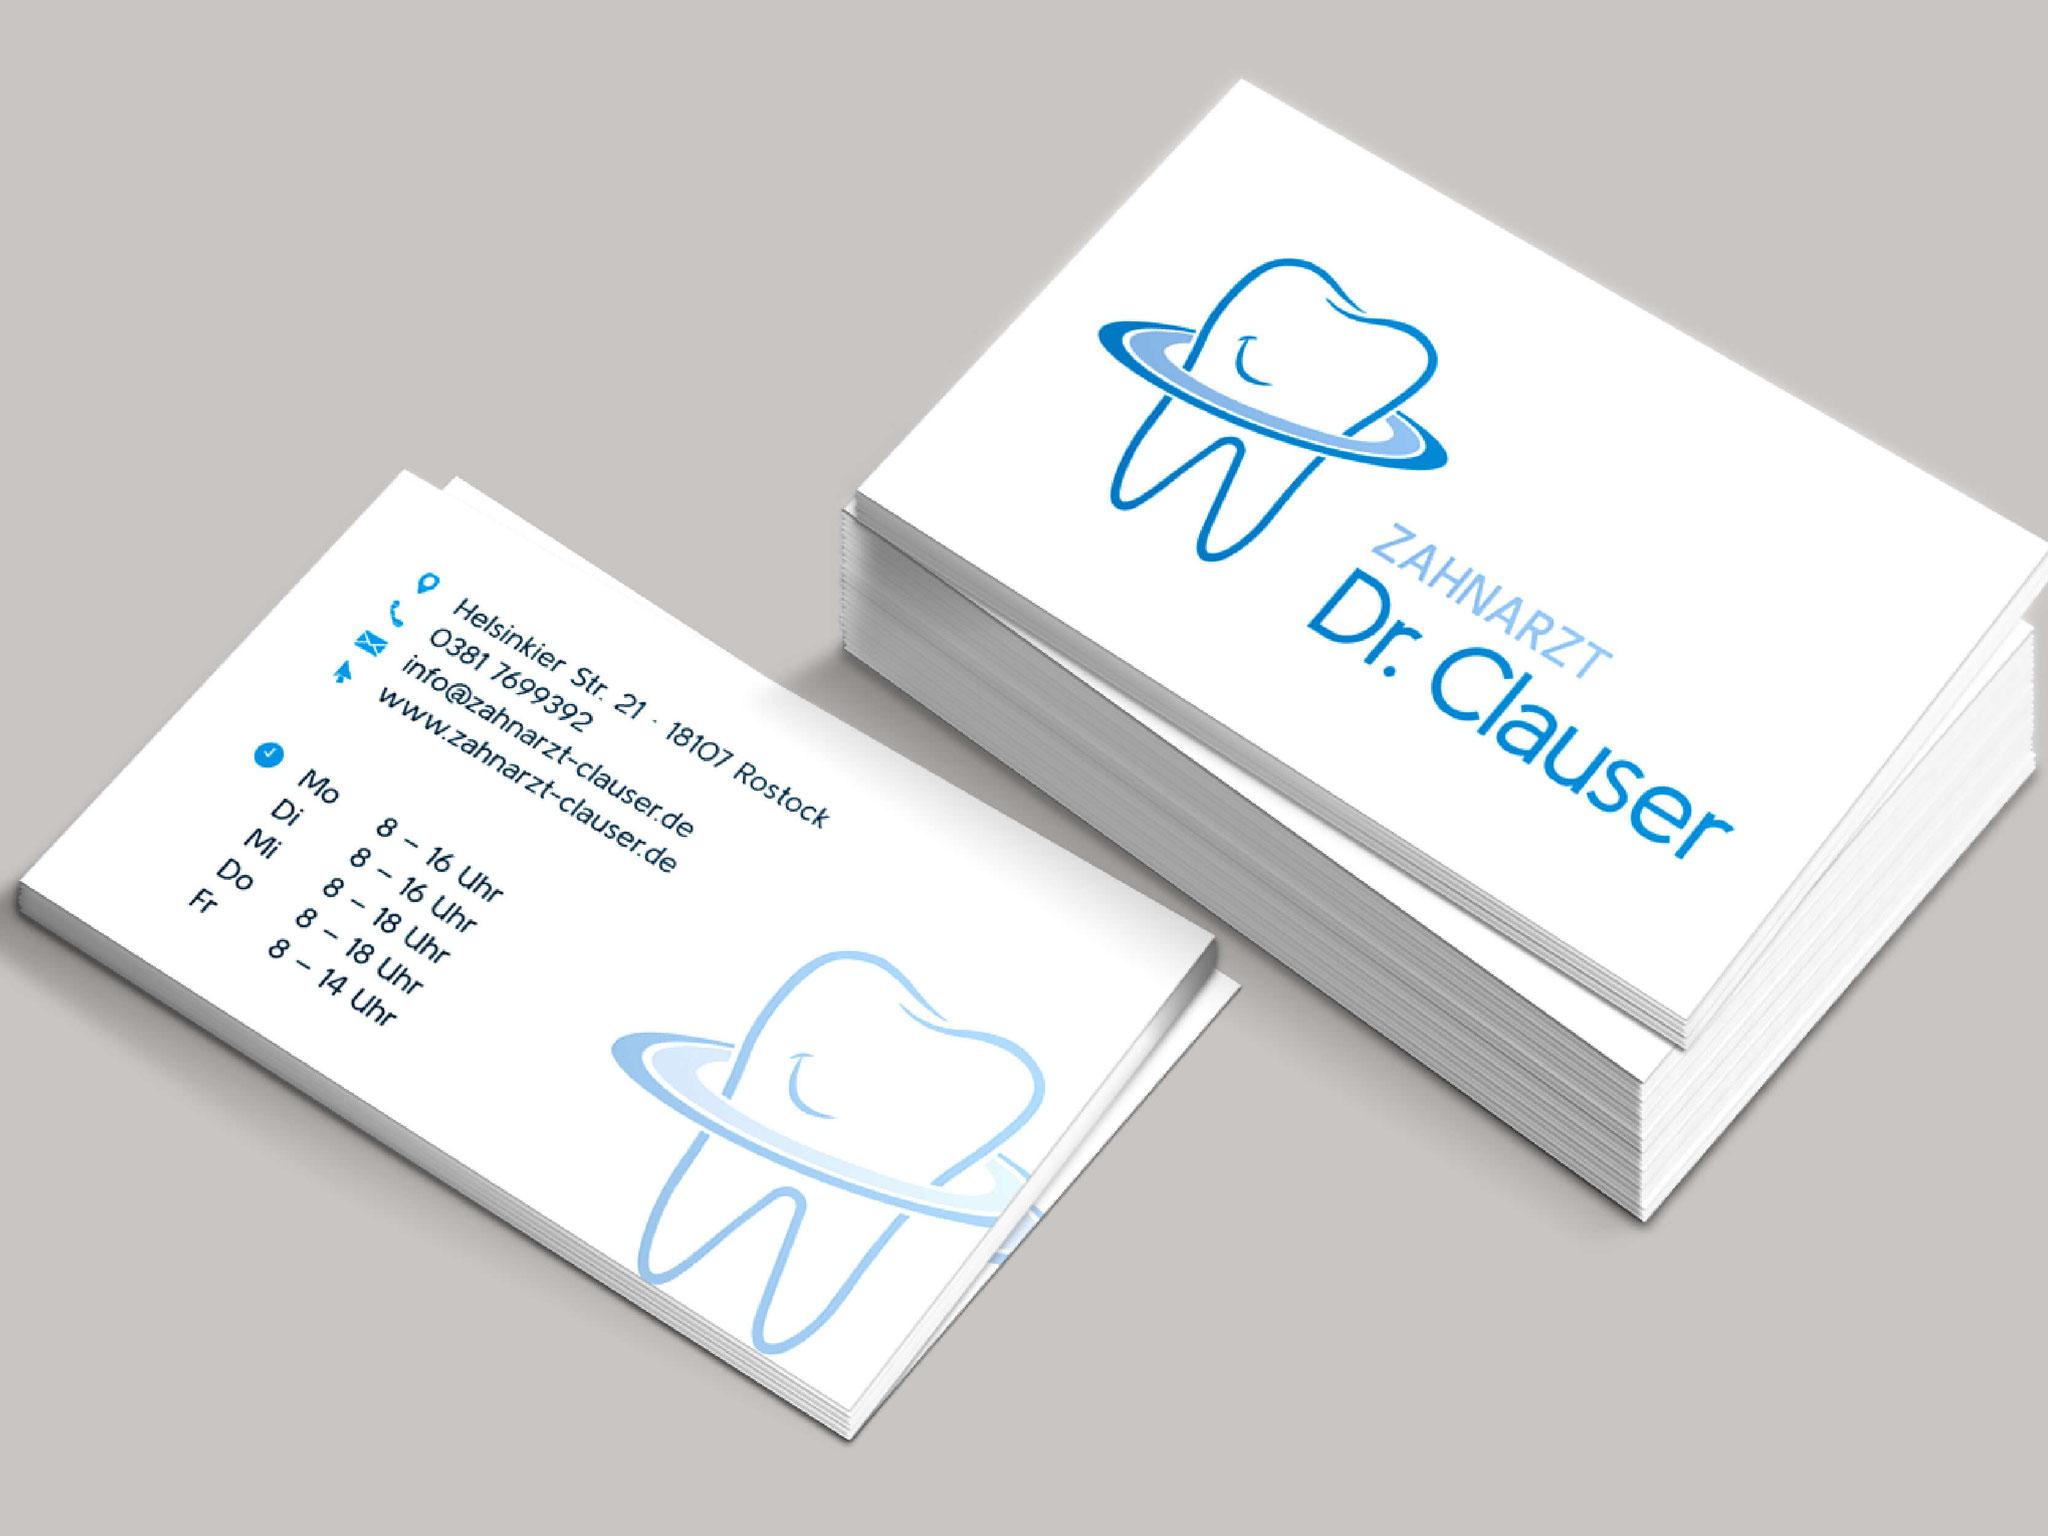 Zahnarzt Dr. Clauser - Visitenkarten